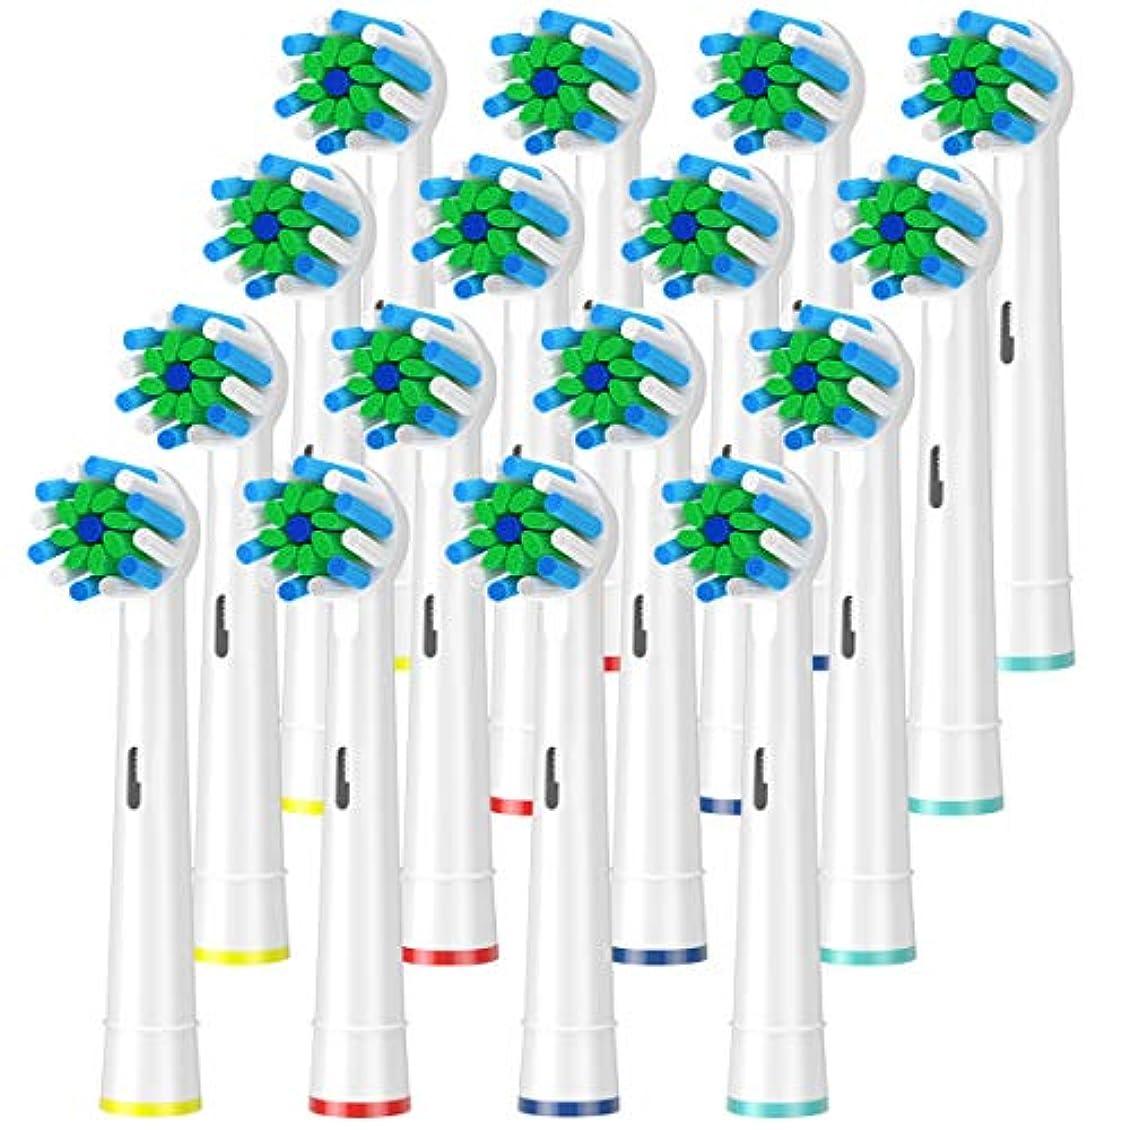 不利益モットーヨーロッパITECHNIK ブラウン 電動歯ブラシ 対応 替えブラシ ブラウン オーラルB 替えブラシ(16)